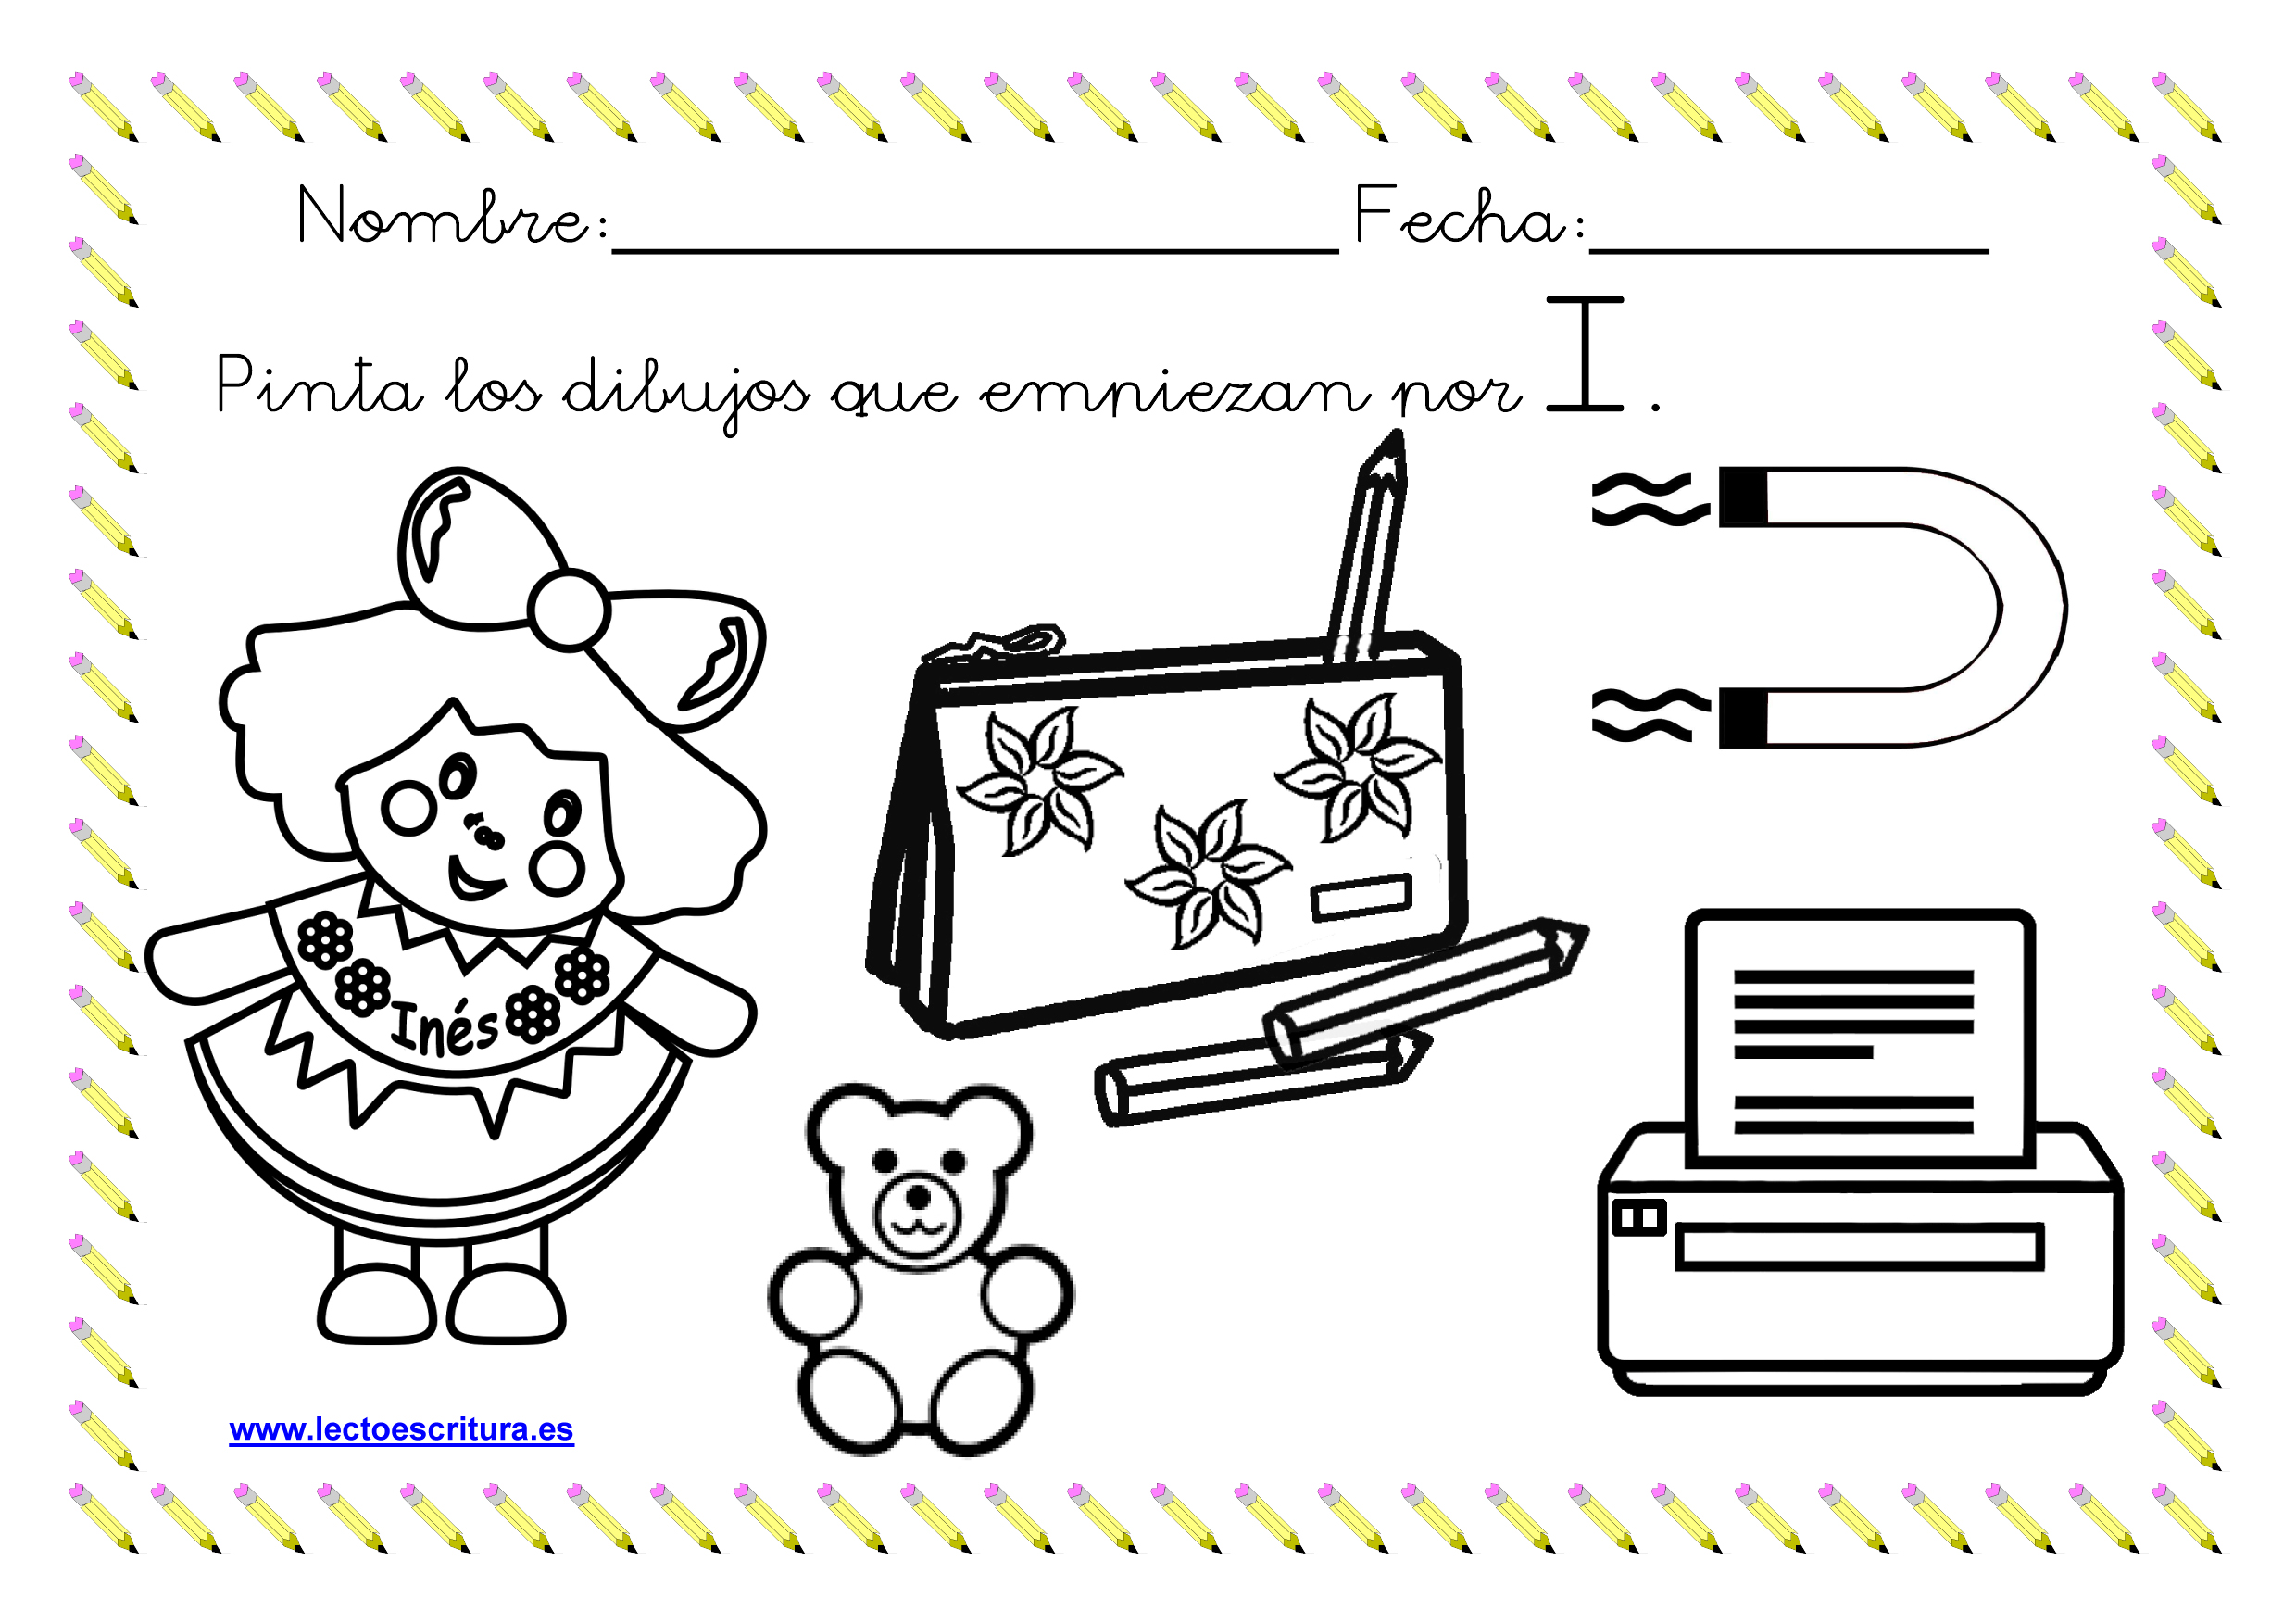 www.lectoescritura.es. Ficha colorear dibujos que empiezan por la ...